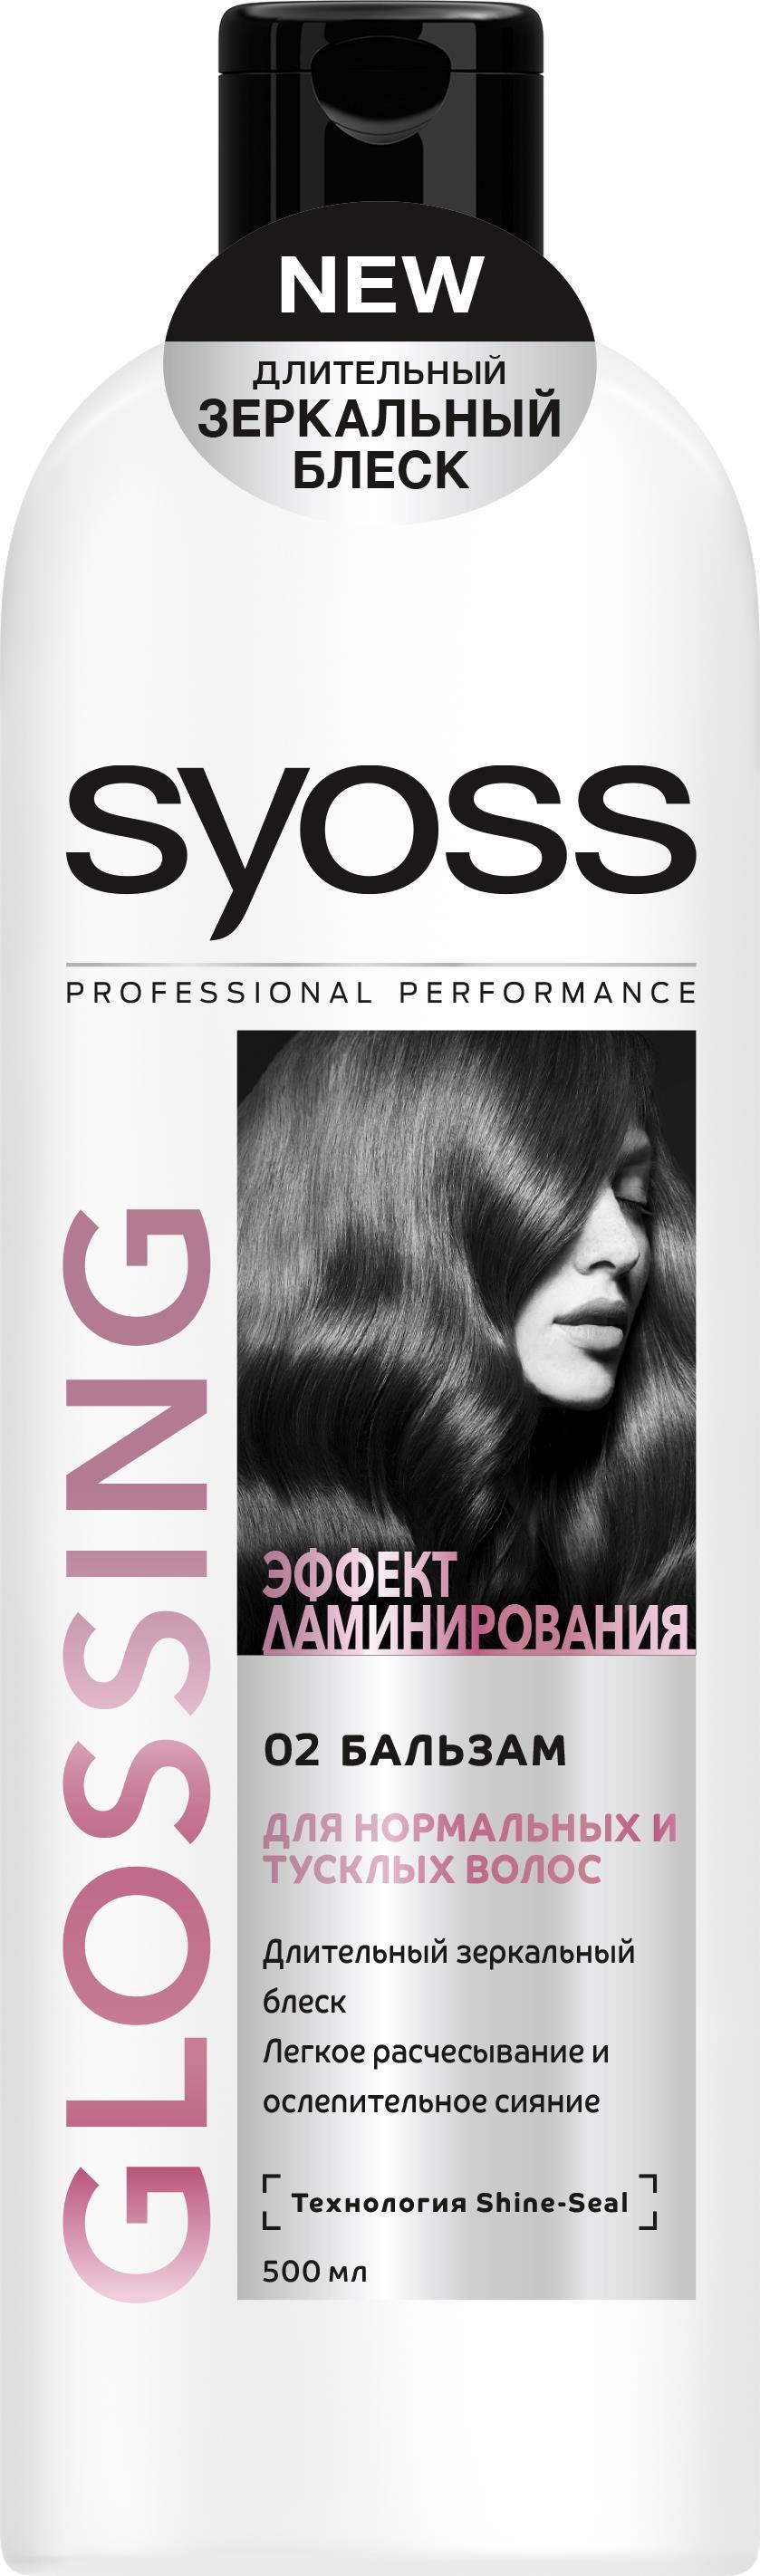 Syoss Бальзам Эффект Ламинирования Glossing Shine Seal, для нормальных и тусклых волос, 500 мл syoss бальзам для волос c эффектом ламинирования glossing shine seal syoss 500 мл